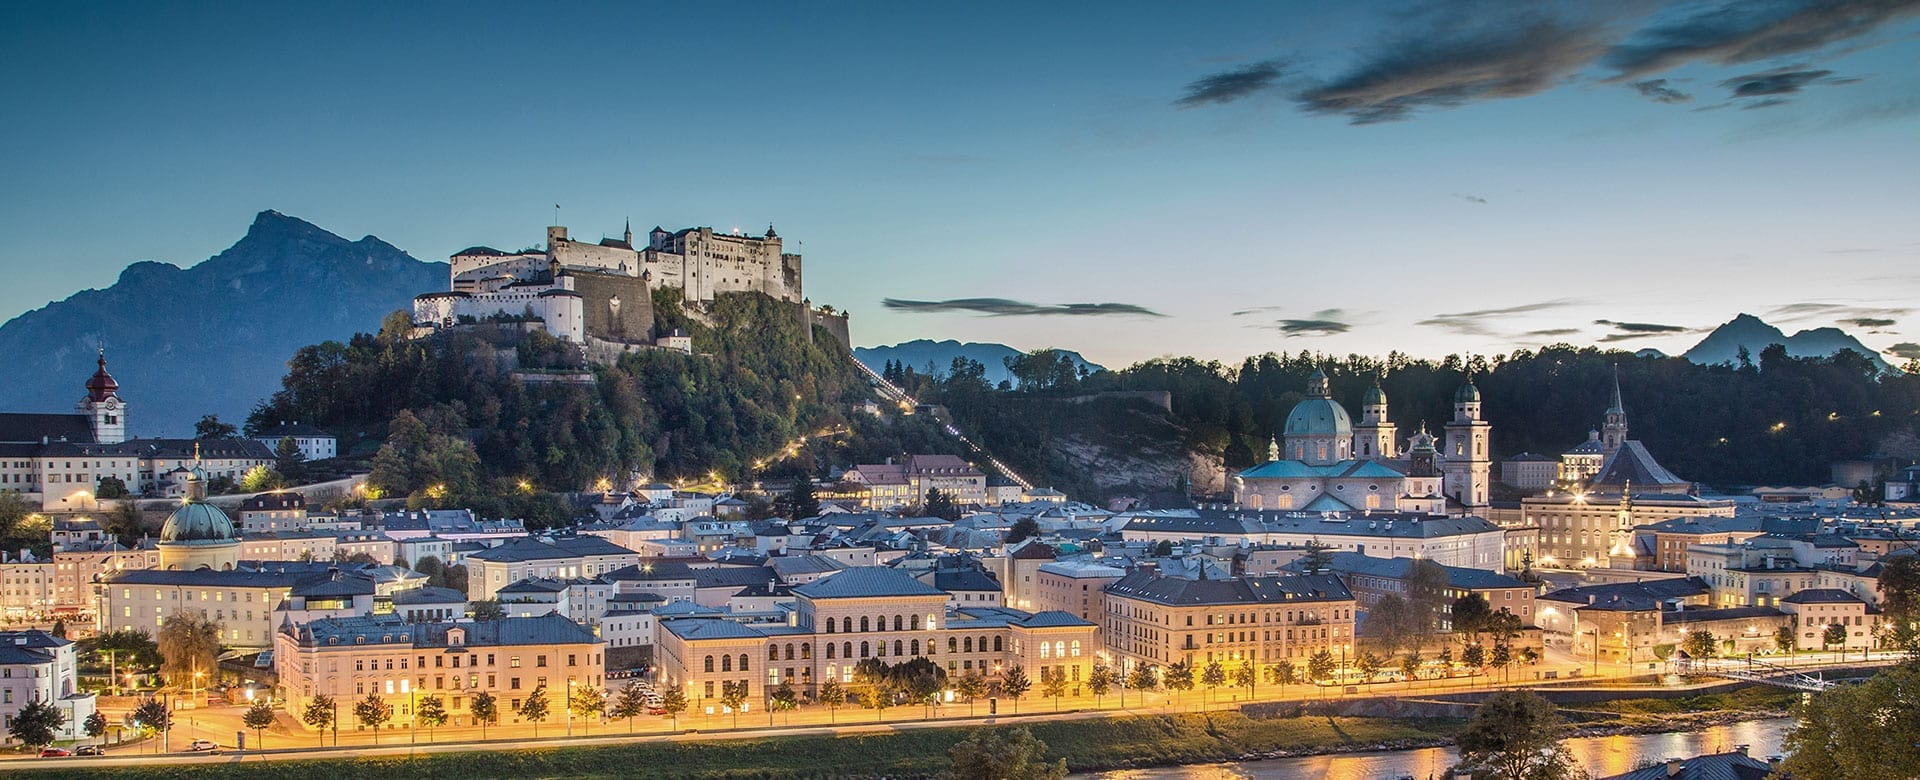 Festspielstadt Salzburg, beliebtes Ausflugsziel